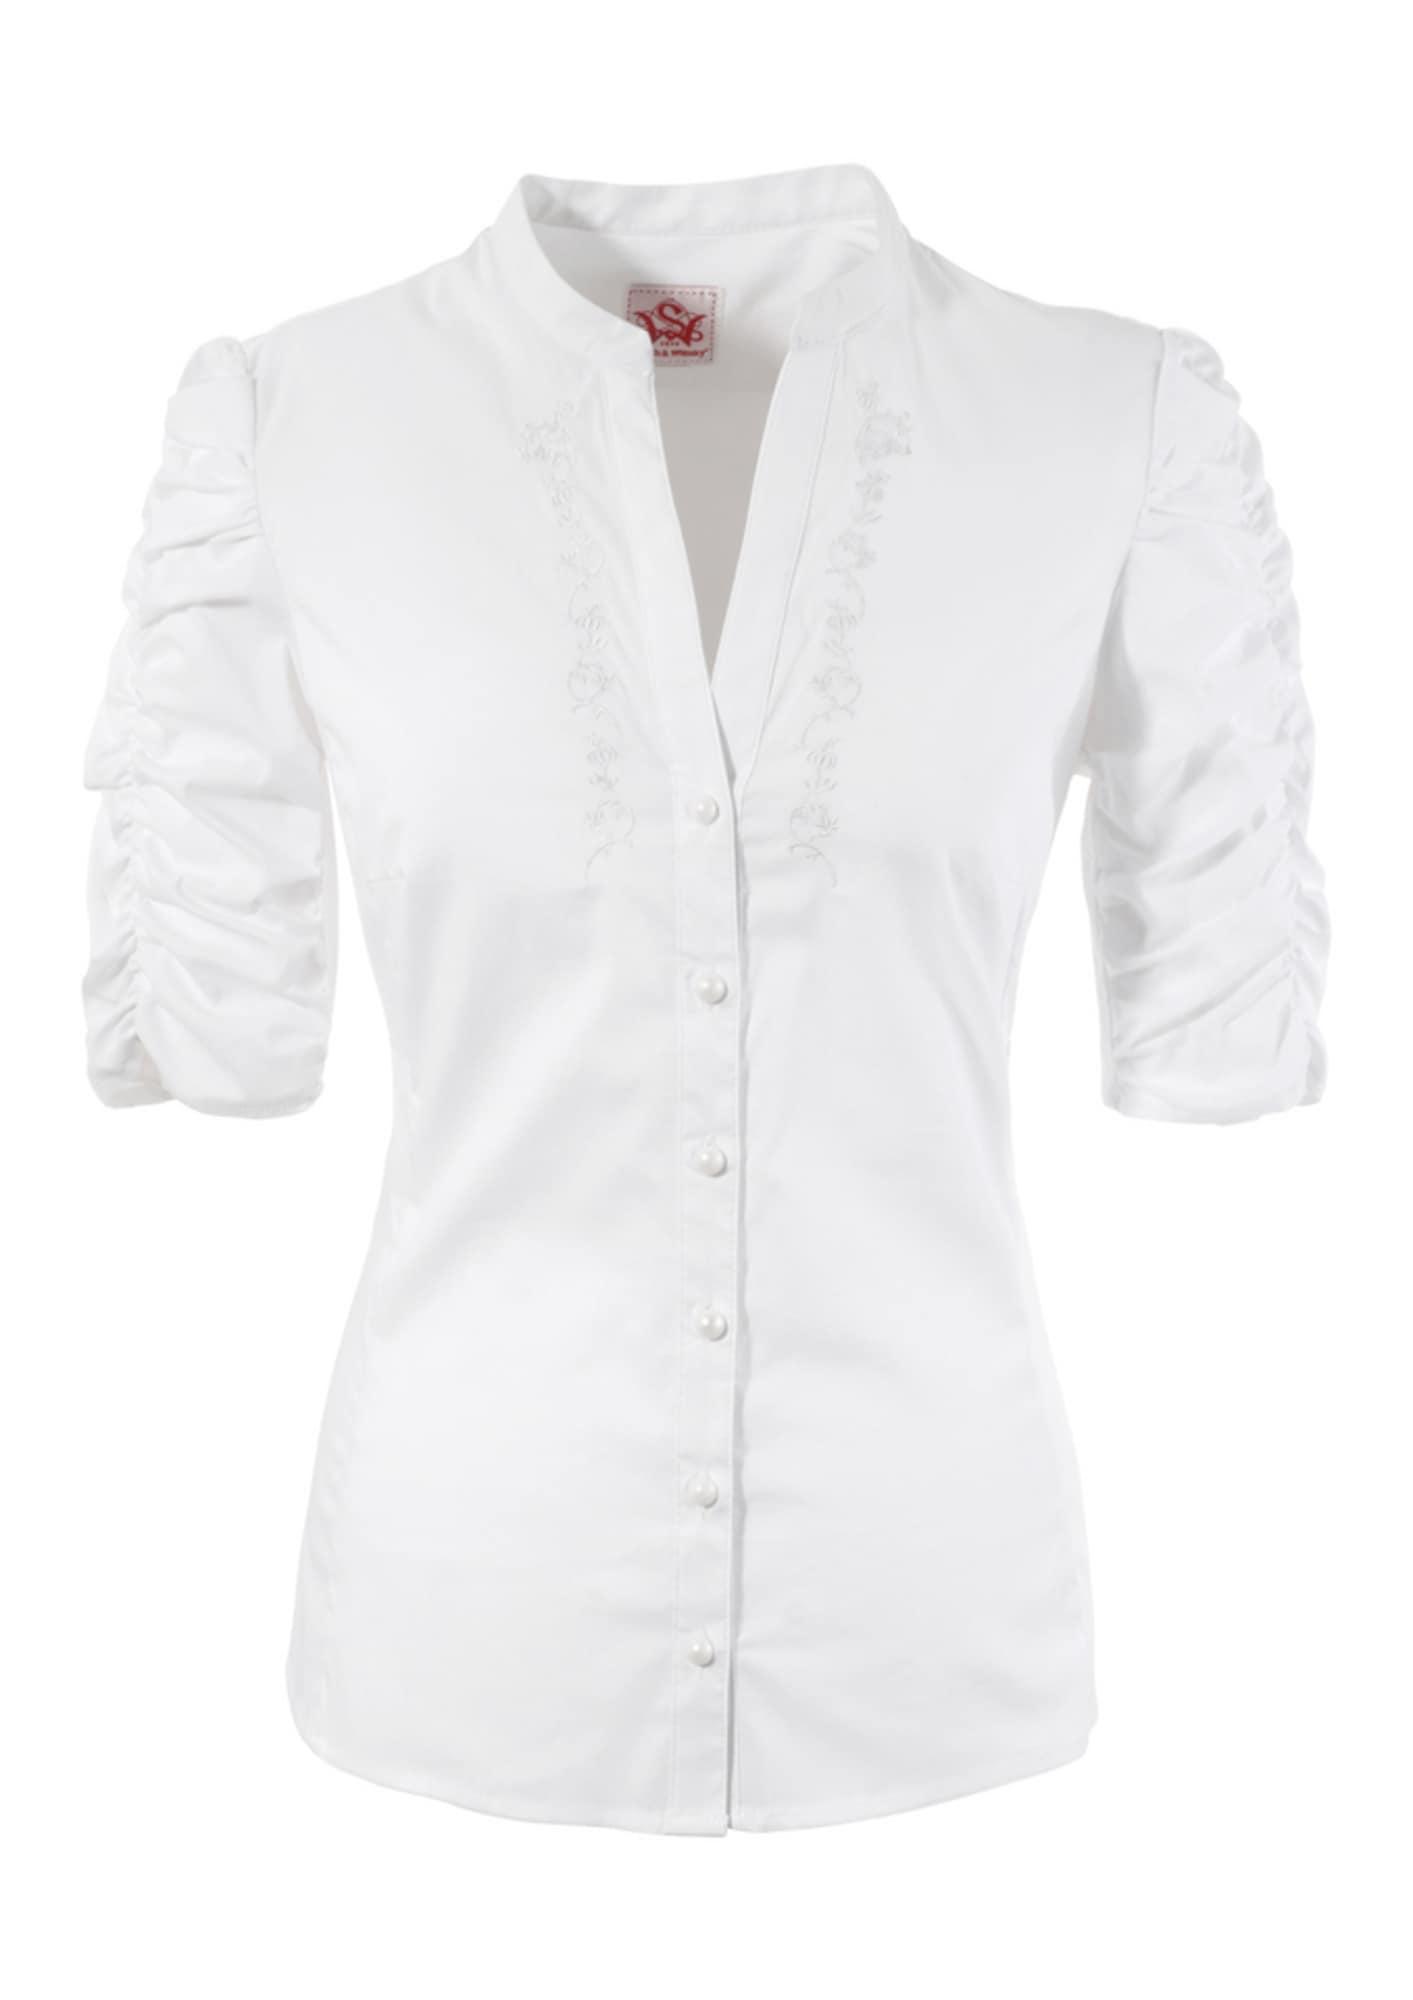 Trachtenbluse Damen mit Stickerei | Bekleidung > Blusen > Trachtenblusen | Weiß | SPIETH & WENSKY